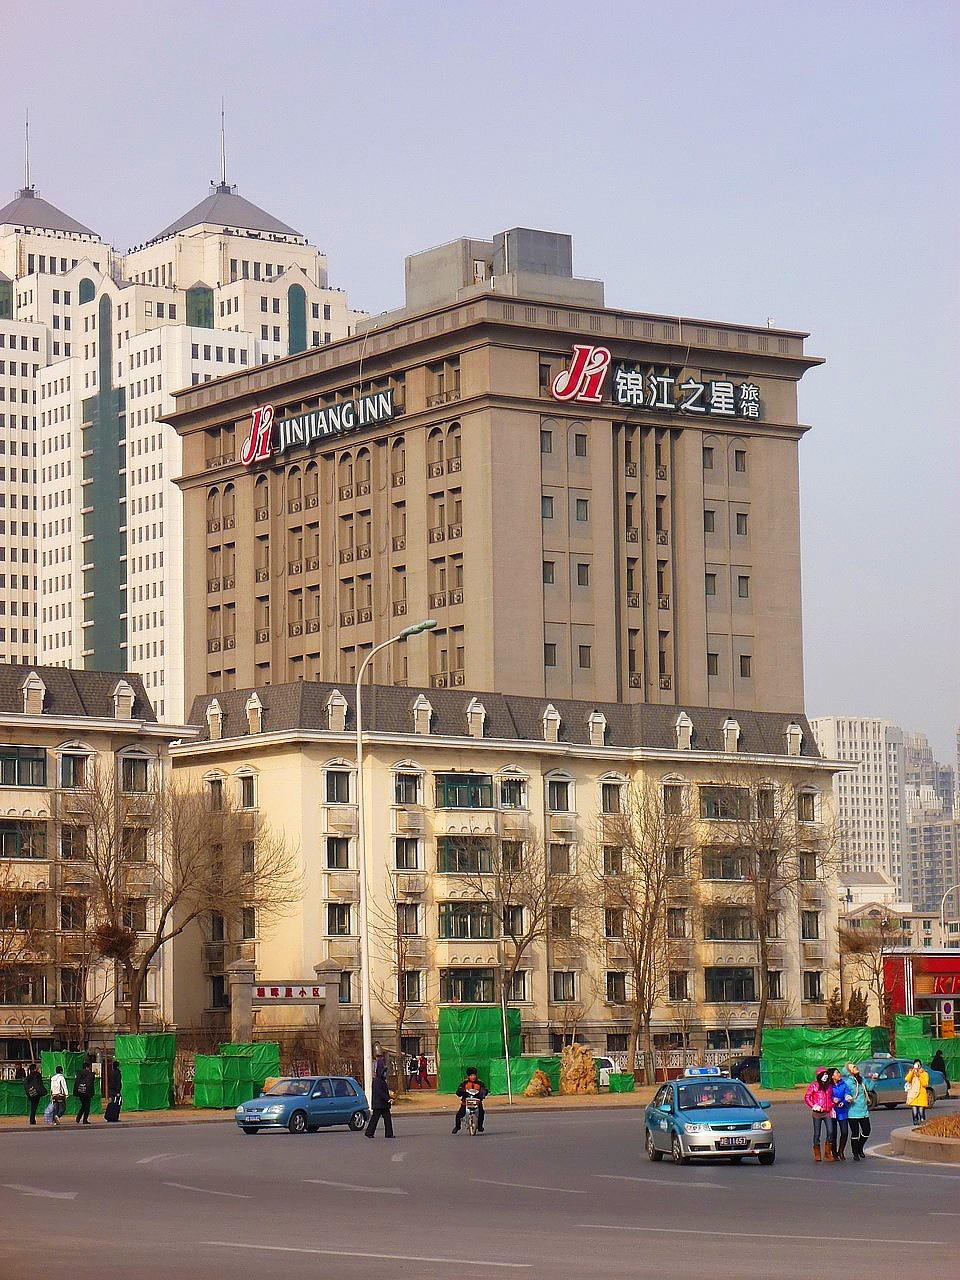 連鎖旅館「錦江之星」